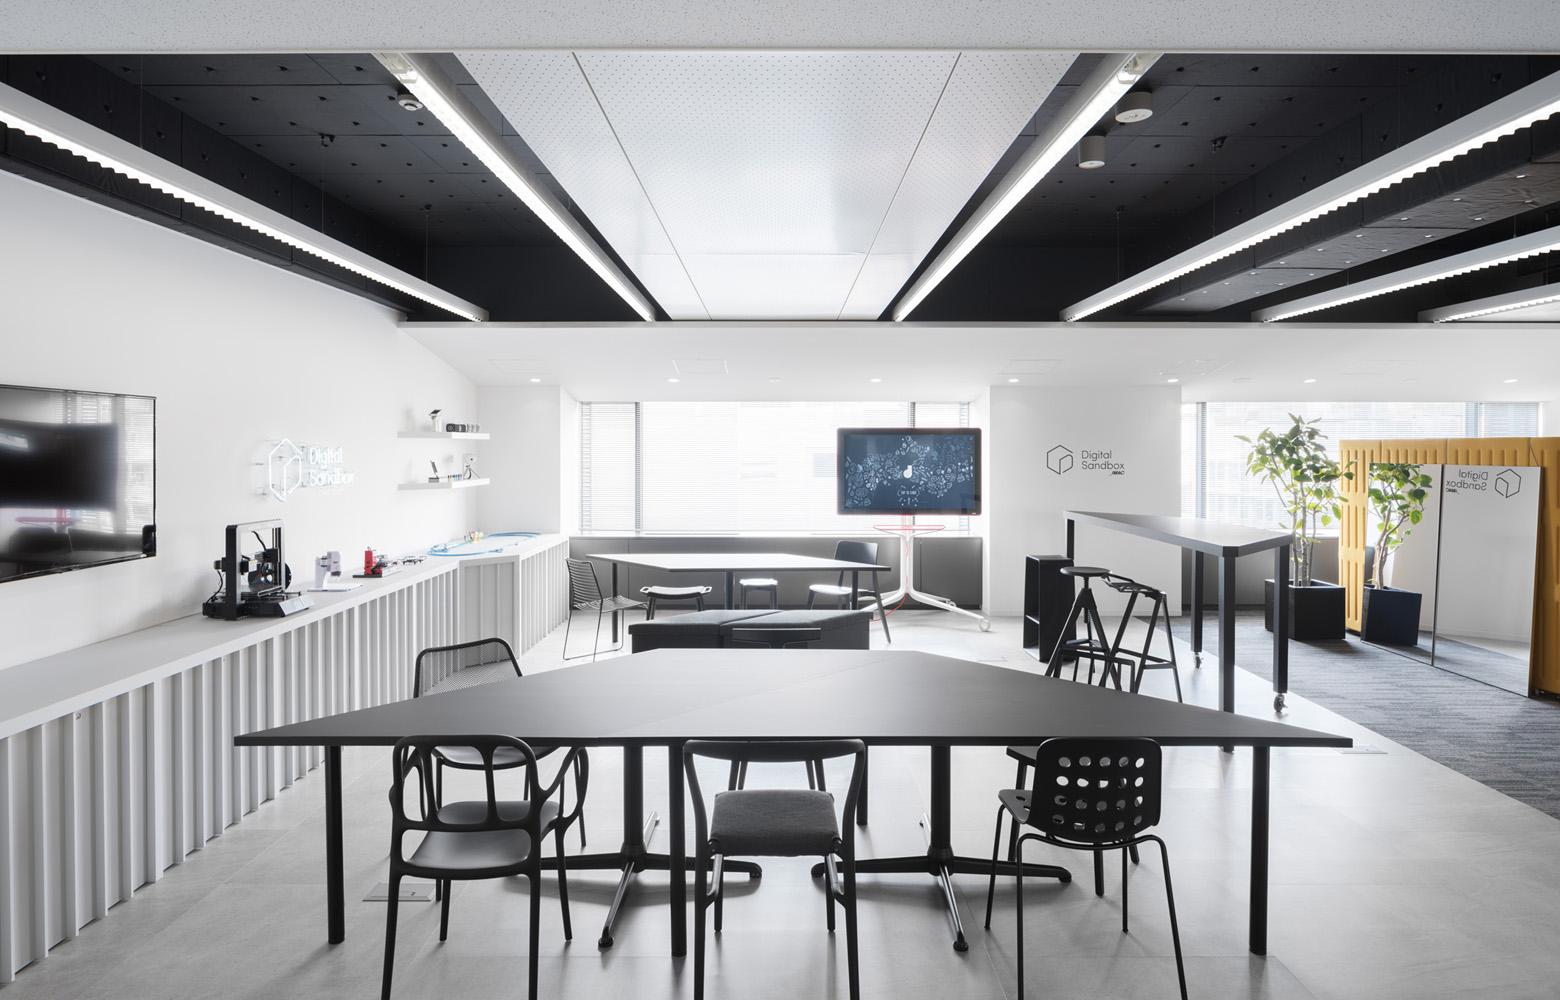 株式会社日本能率協会コンサルティング Exhibition Space デザイン・レイアウト事例